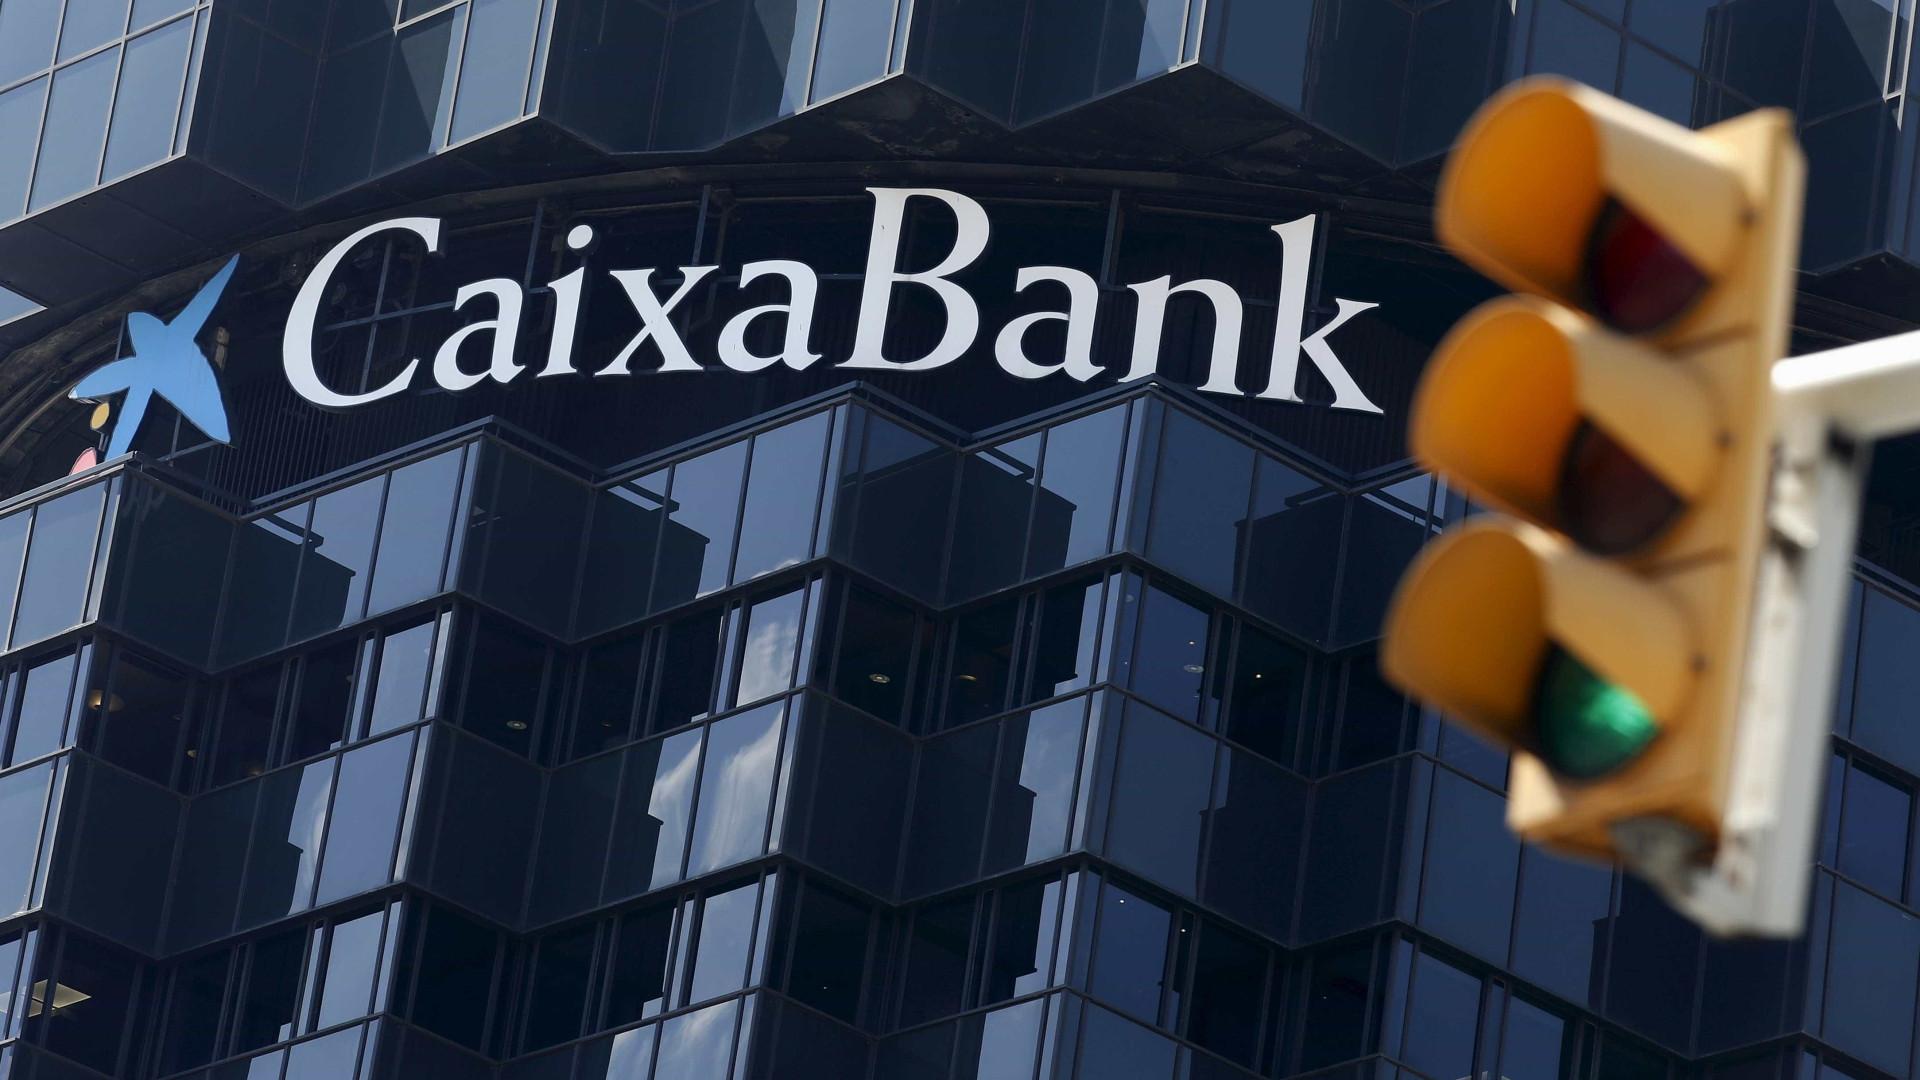 CaixaBank abre escritório na Austrália e amplia a presença internacional